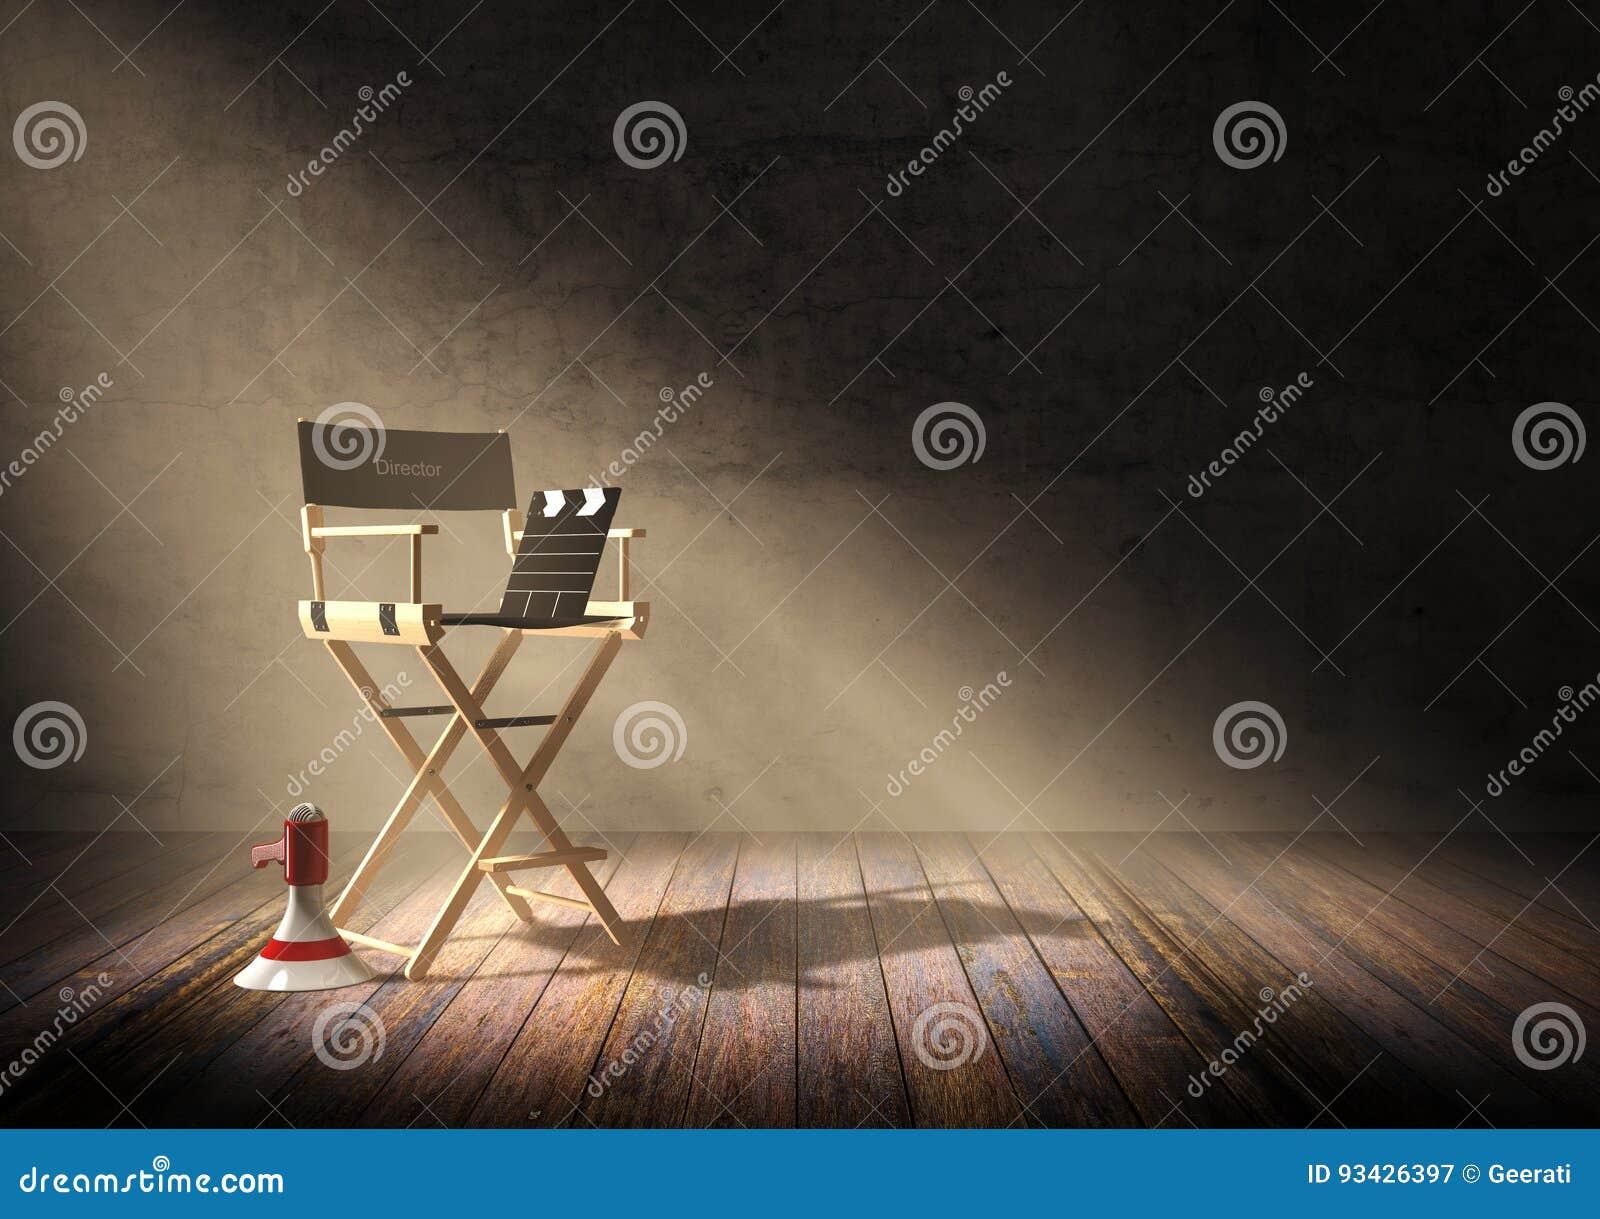 主任与拍板的` s在暗室场面的椅子和扩音机与聚光灯点燃